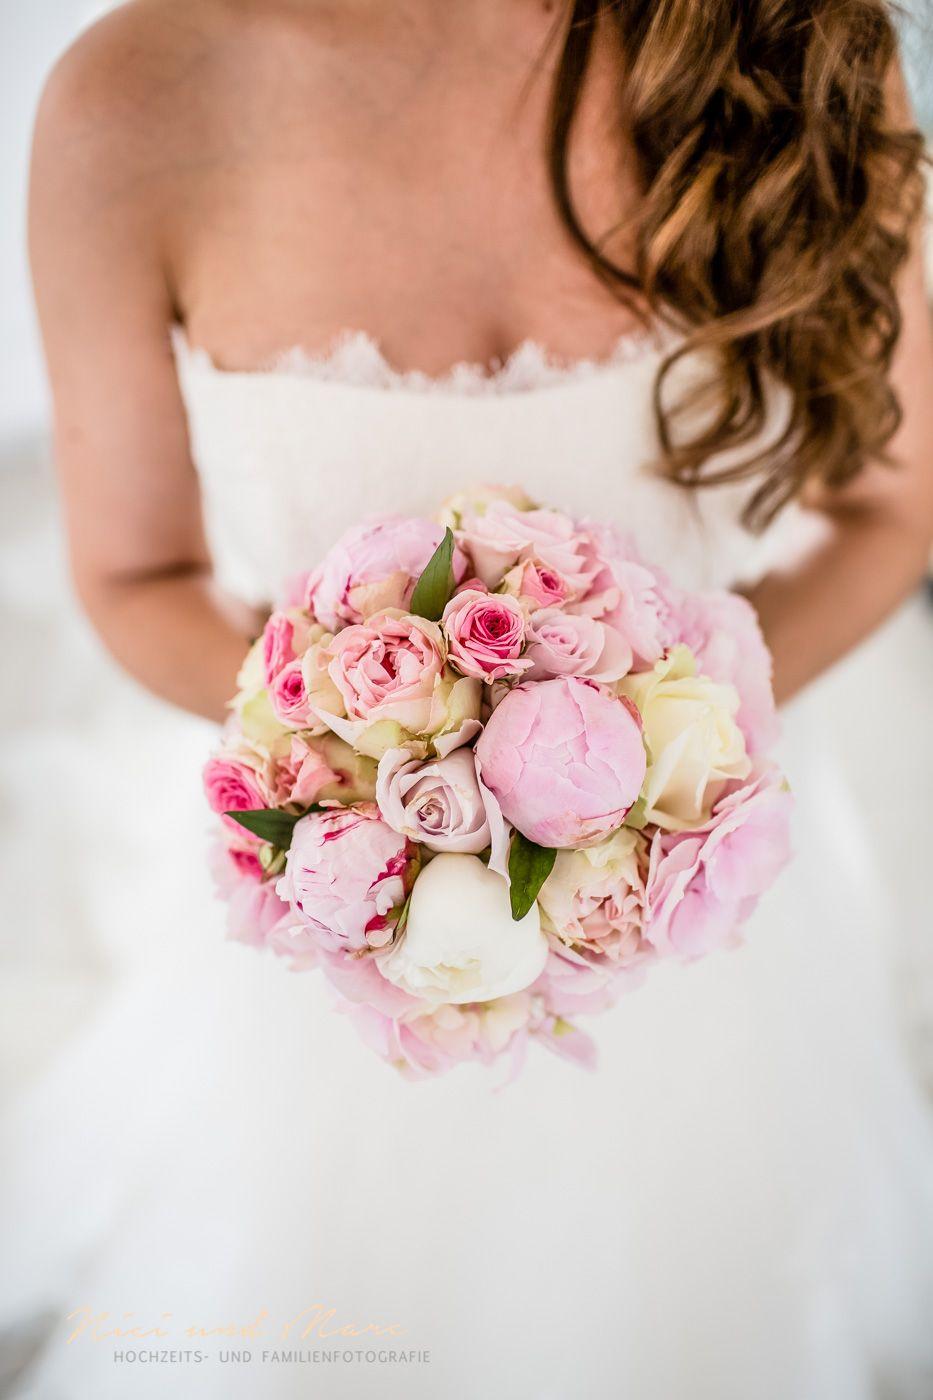 Gorgeous Wedding Photography - Wedding Photo Ideas - Beautiful ...